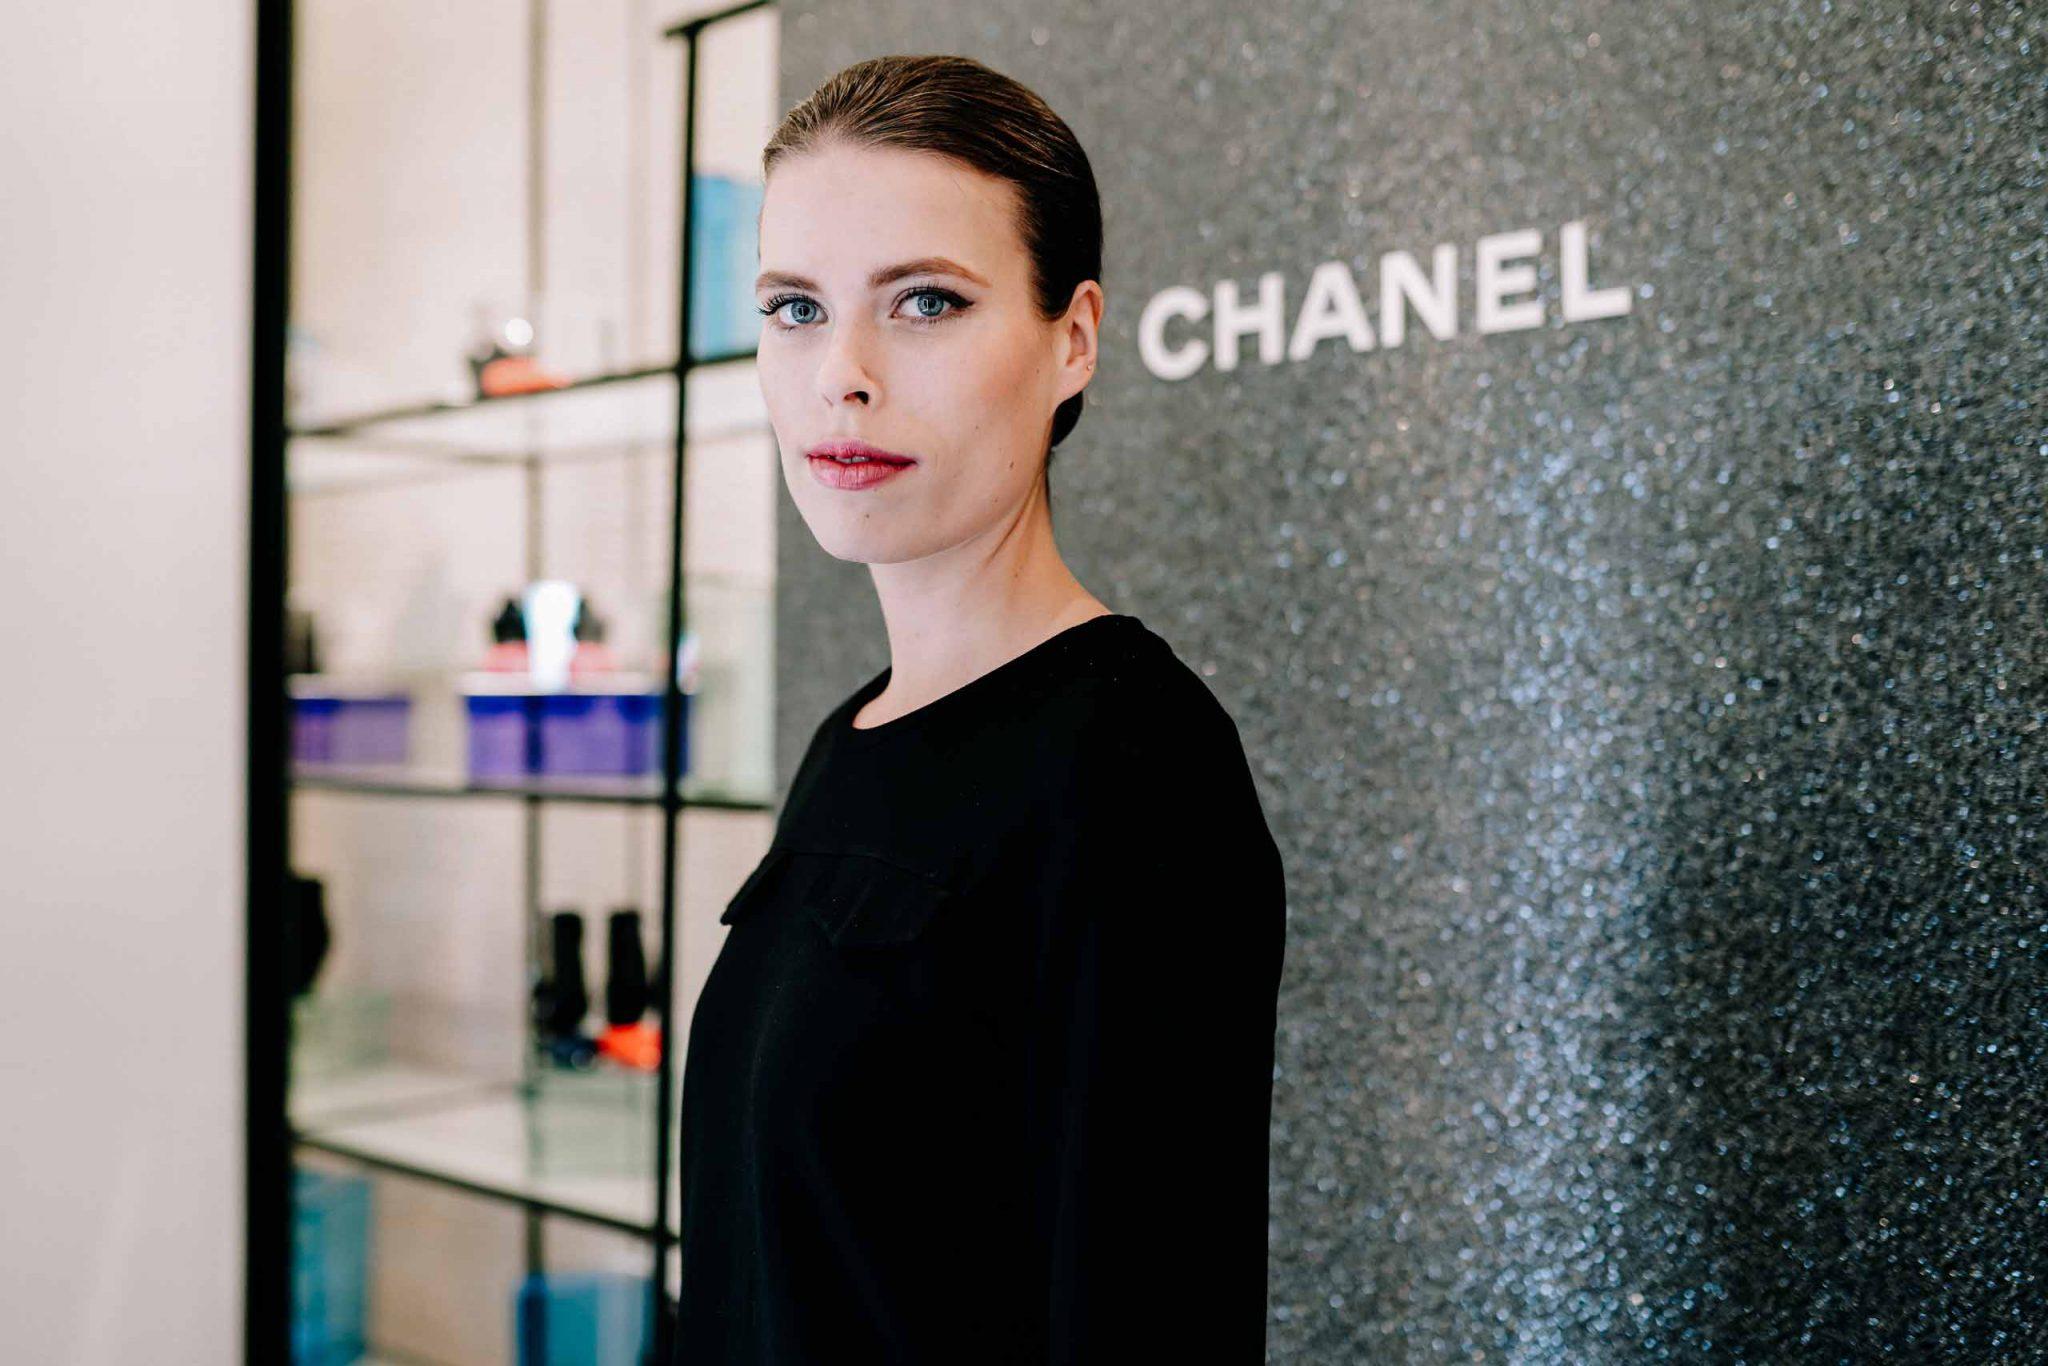 Chanel_Boutique_Cocktail_event_Ilsoo_van_Dijk_07122019-00870